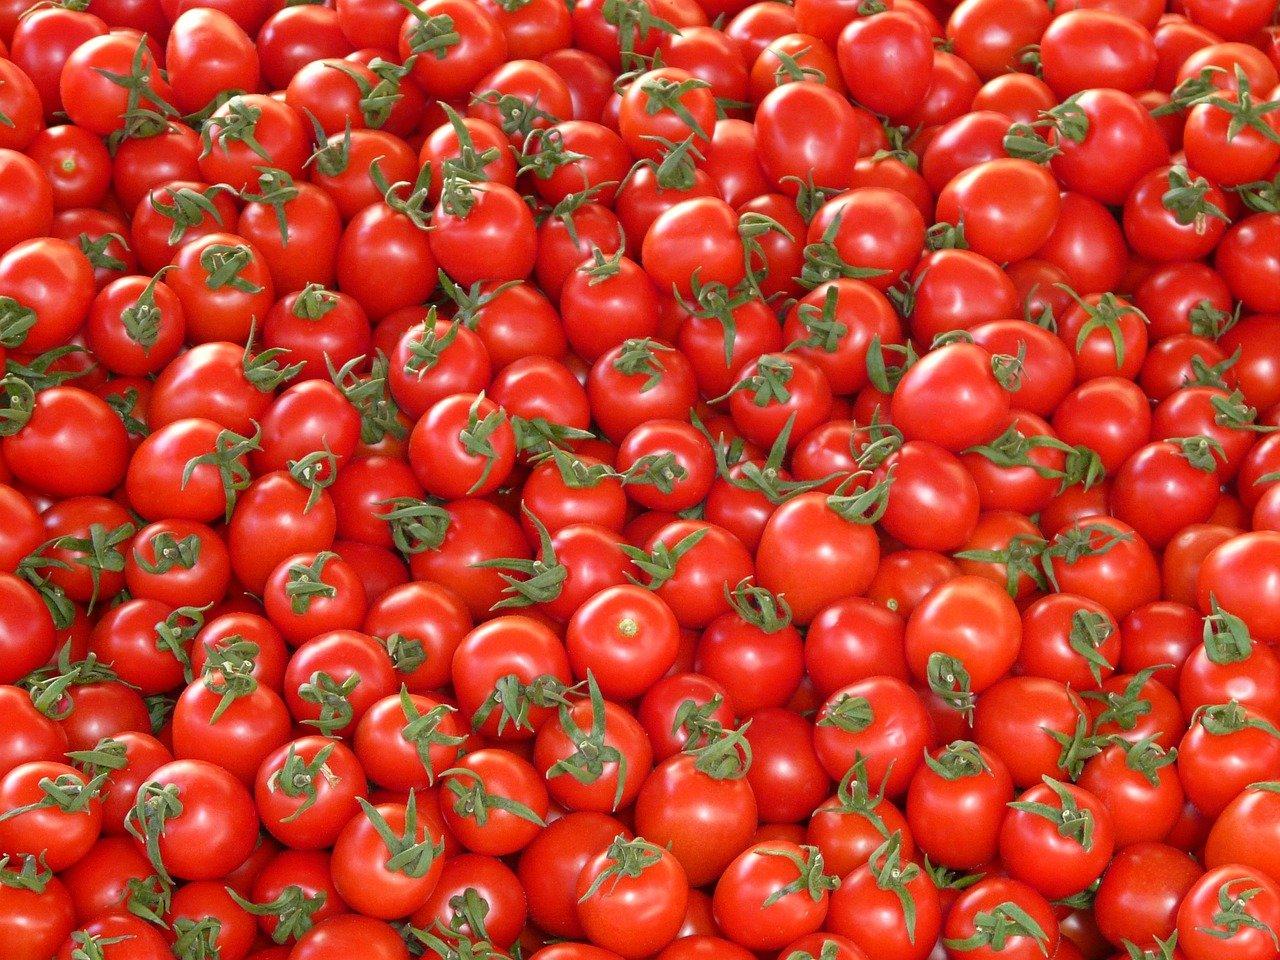 Вирус добрался до помидоров. Из-за него Россия ограничила импорт, но антитела уже вырабатываются на петербургских прилавках